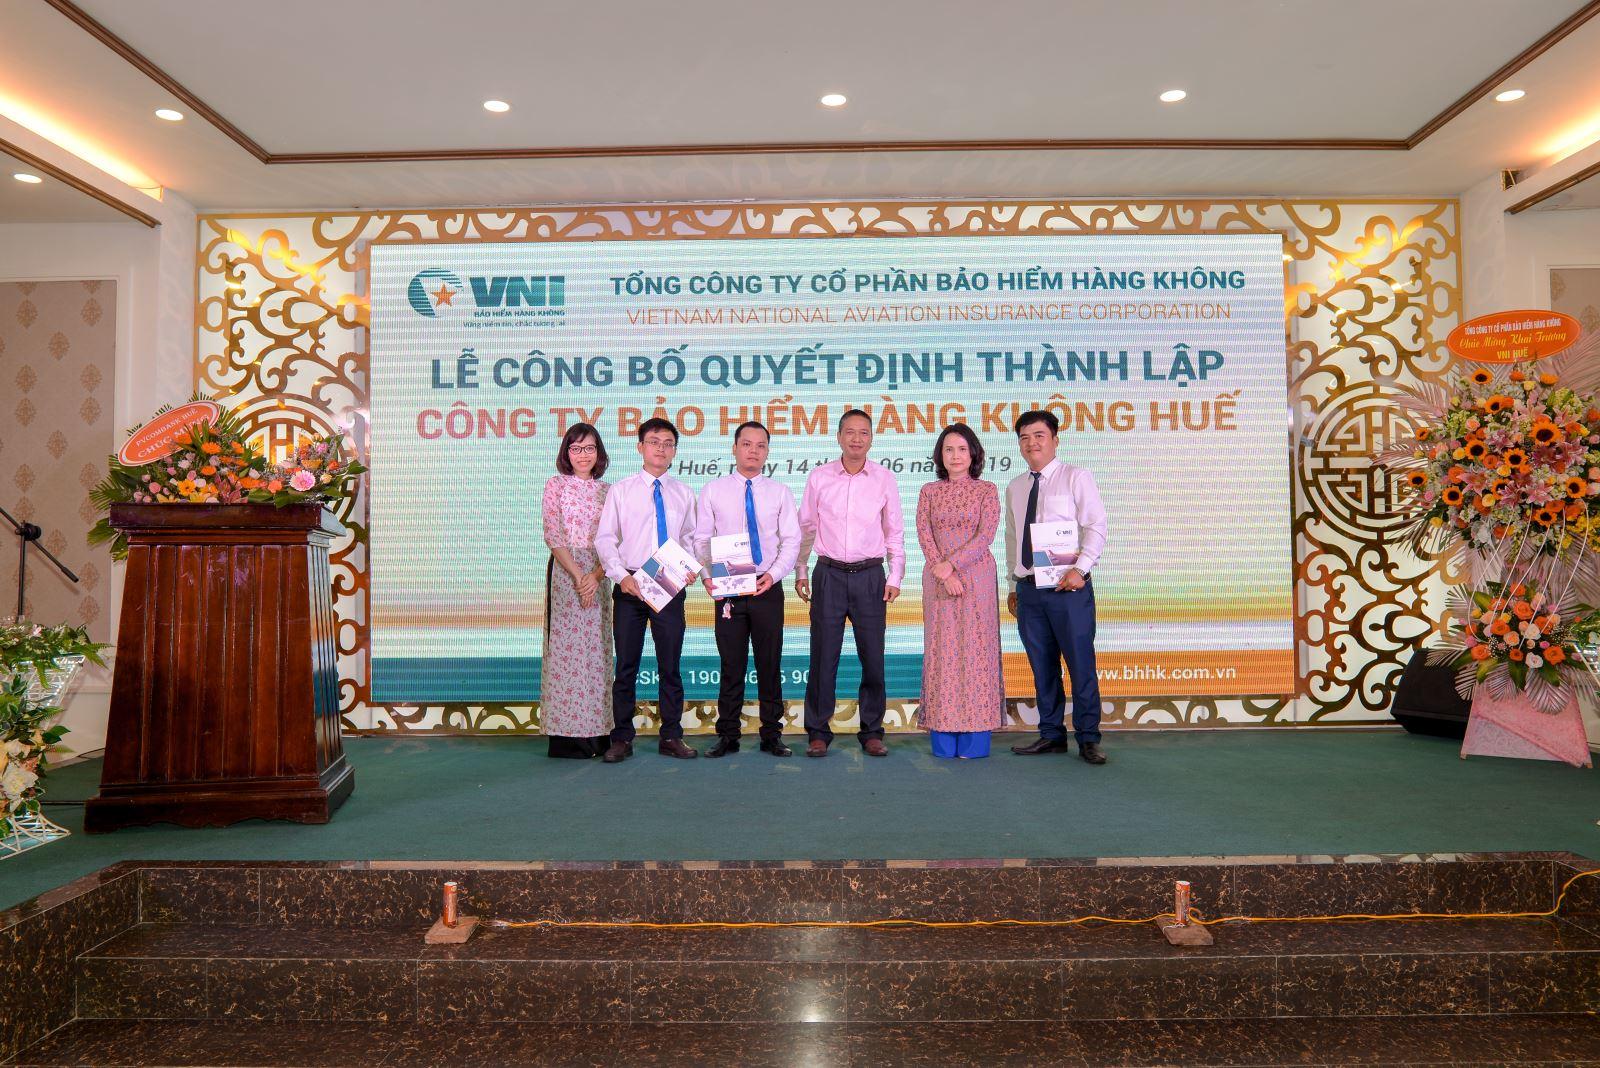 Bảo hiểm Hàng không (VNI) công bố Quyết định thành lập VNI Huế